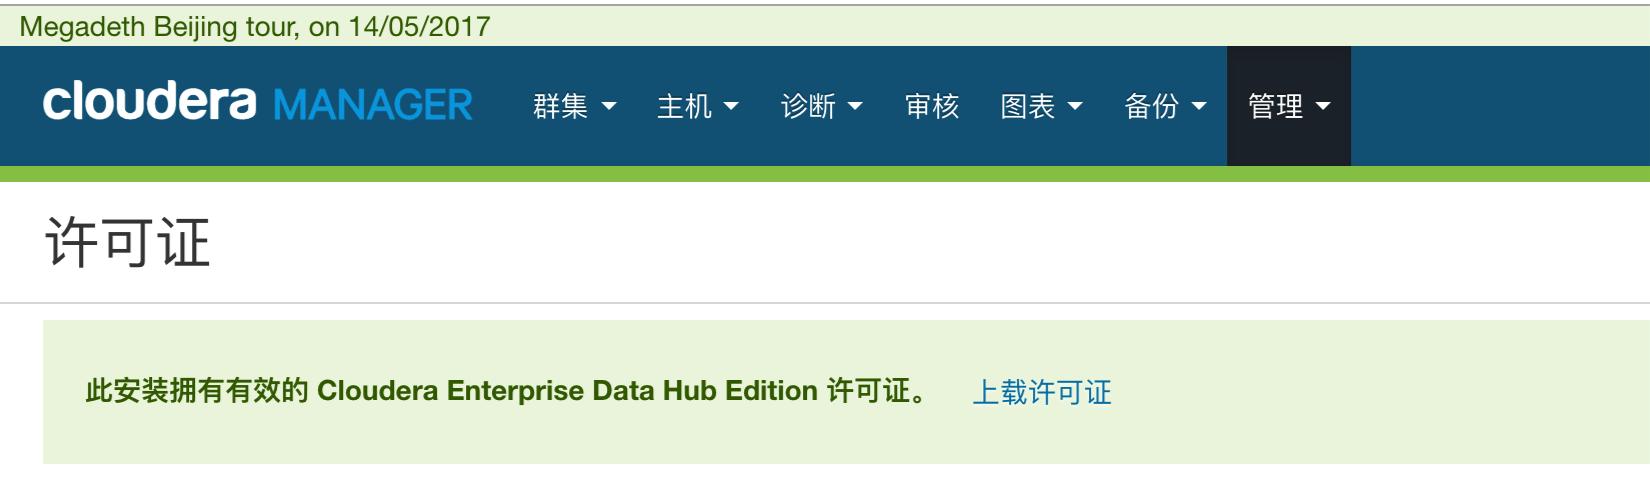 Hadoop运维记录系列(十九)-实践检验真理-51CTO博客